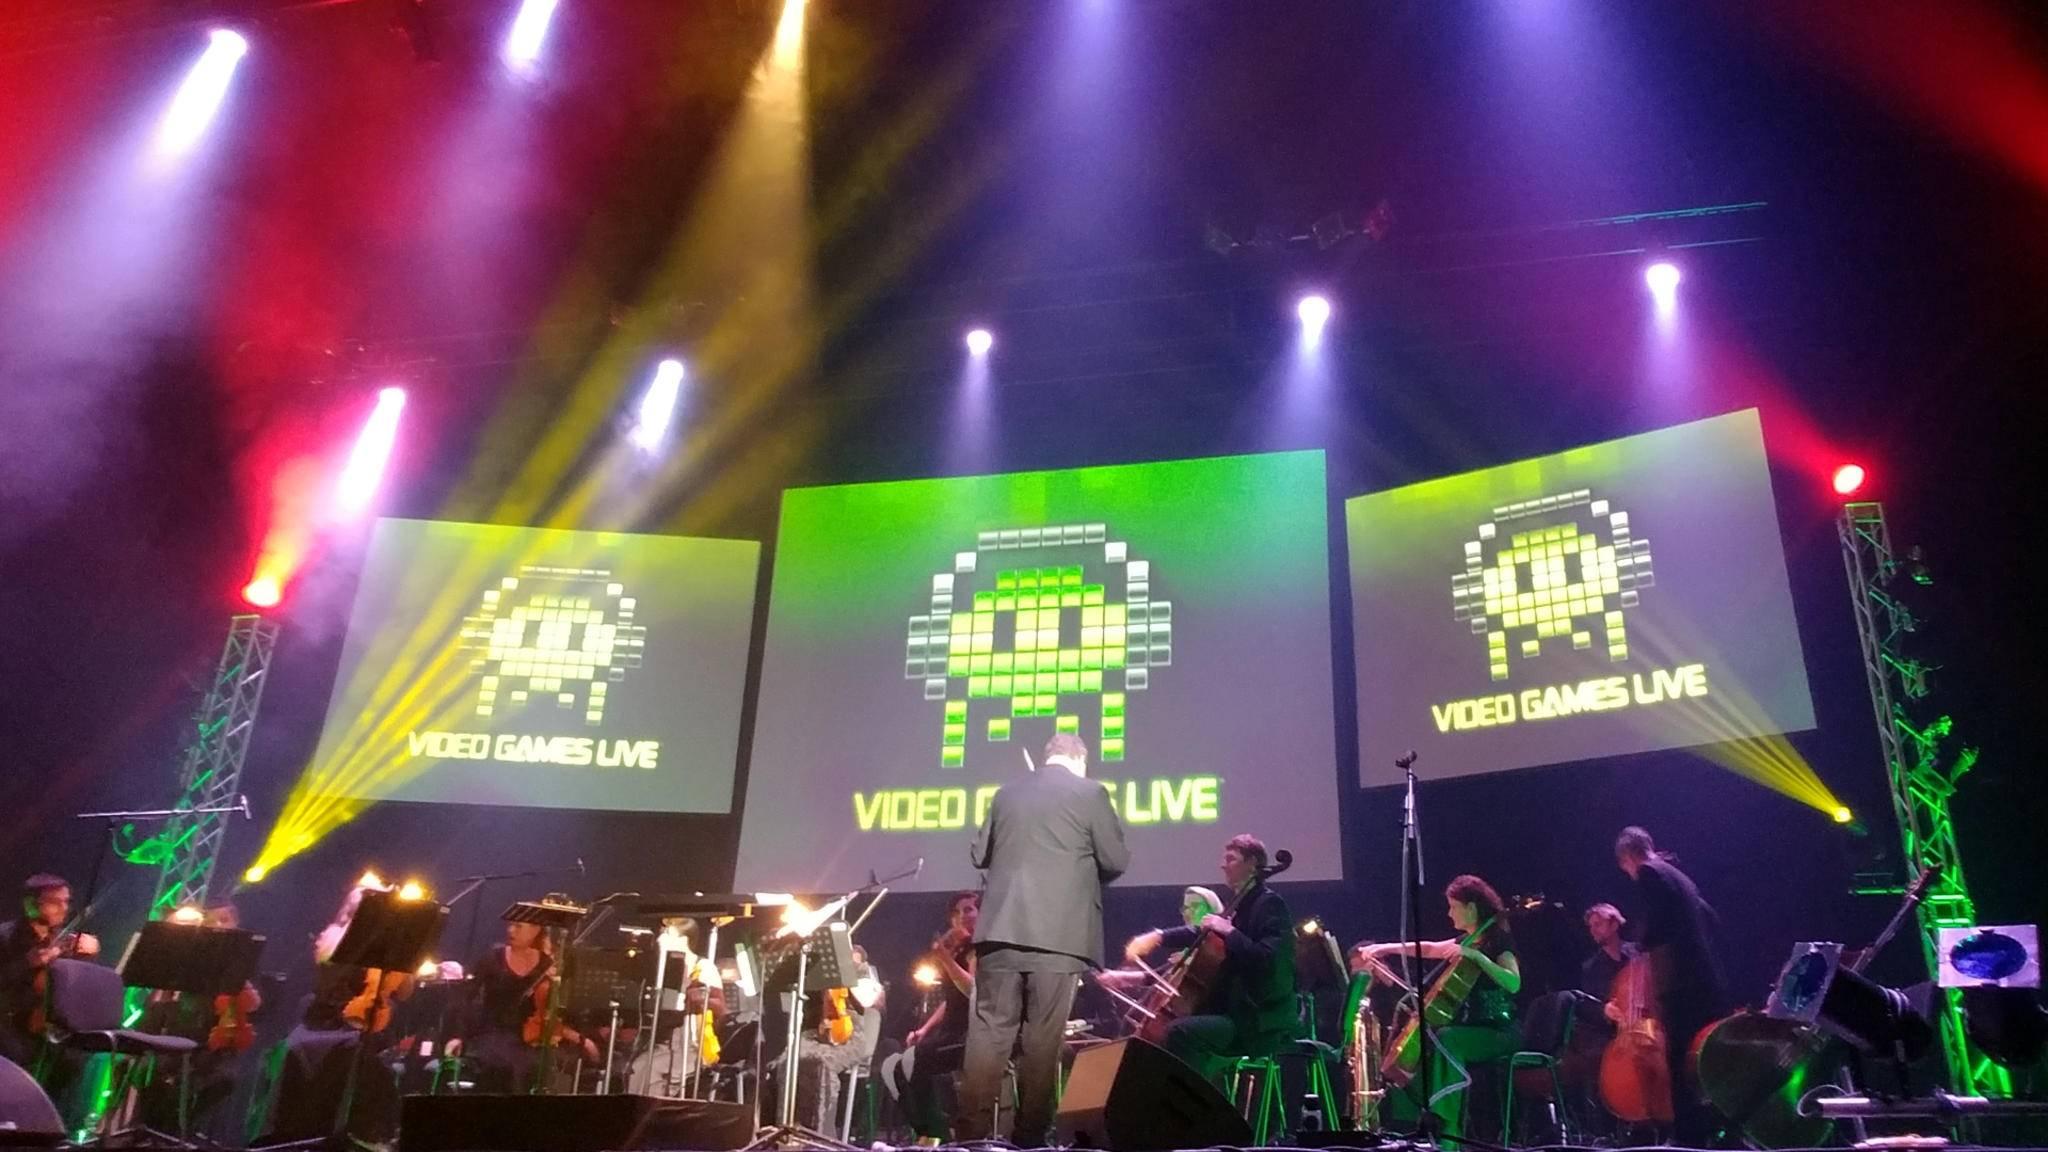 """""""Video Games Live"""" spielt die größten Games-Soundtracks mit großem Orchester. Wir haben mit Initiator Tommy Tallarico gesprochen."""